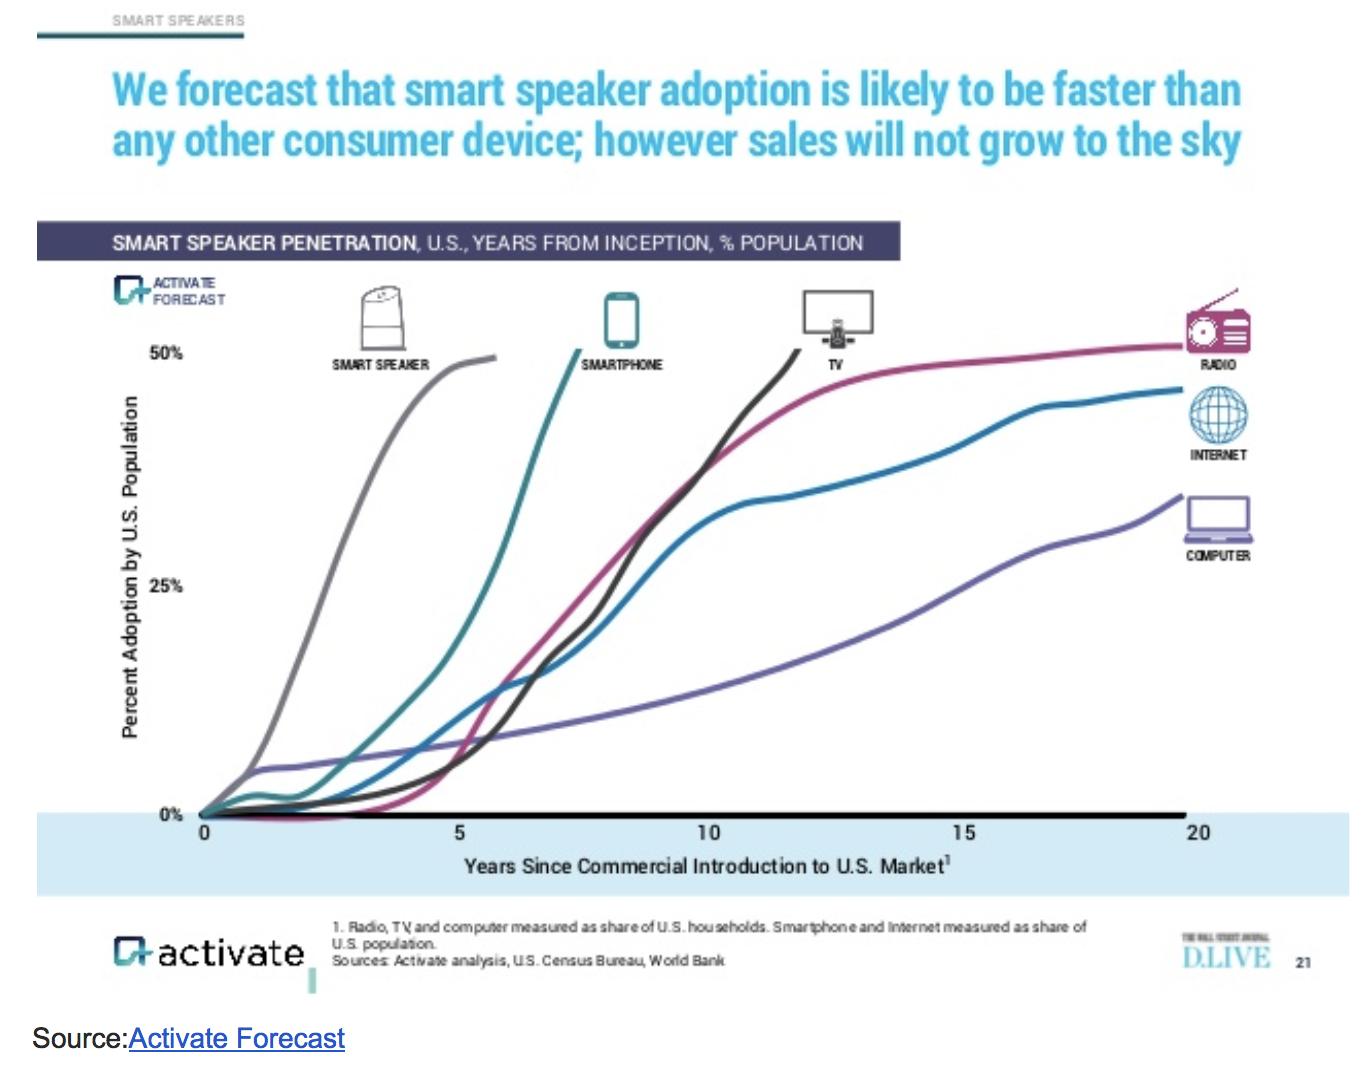 Smart Speaker Penetration Graph